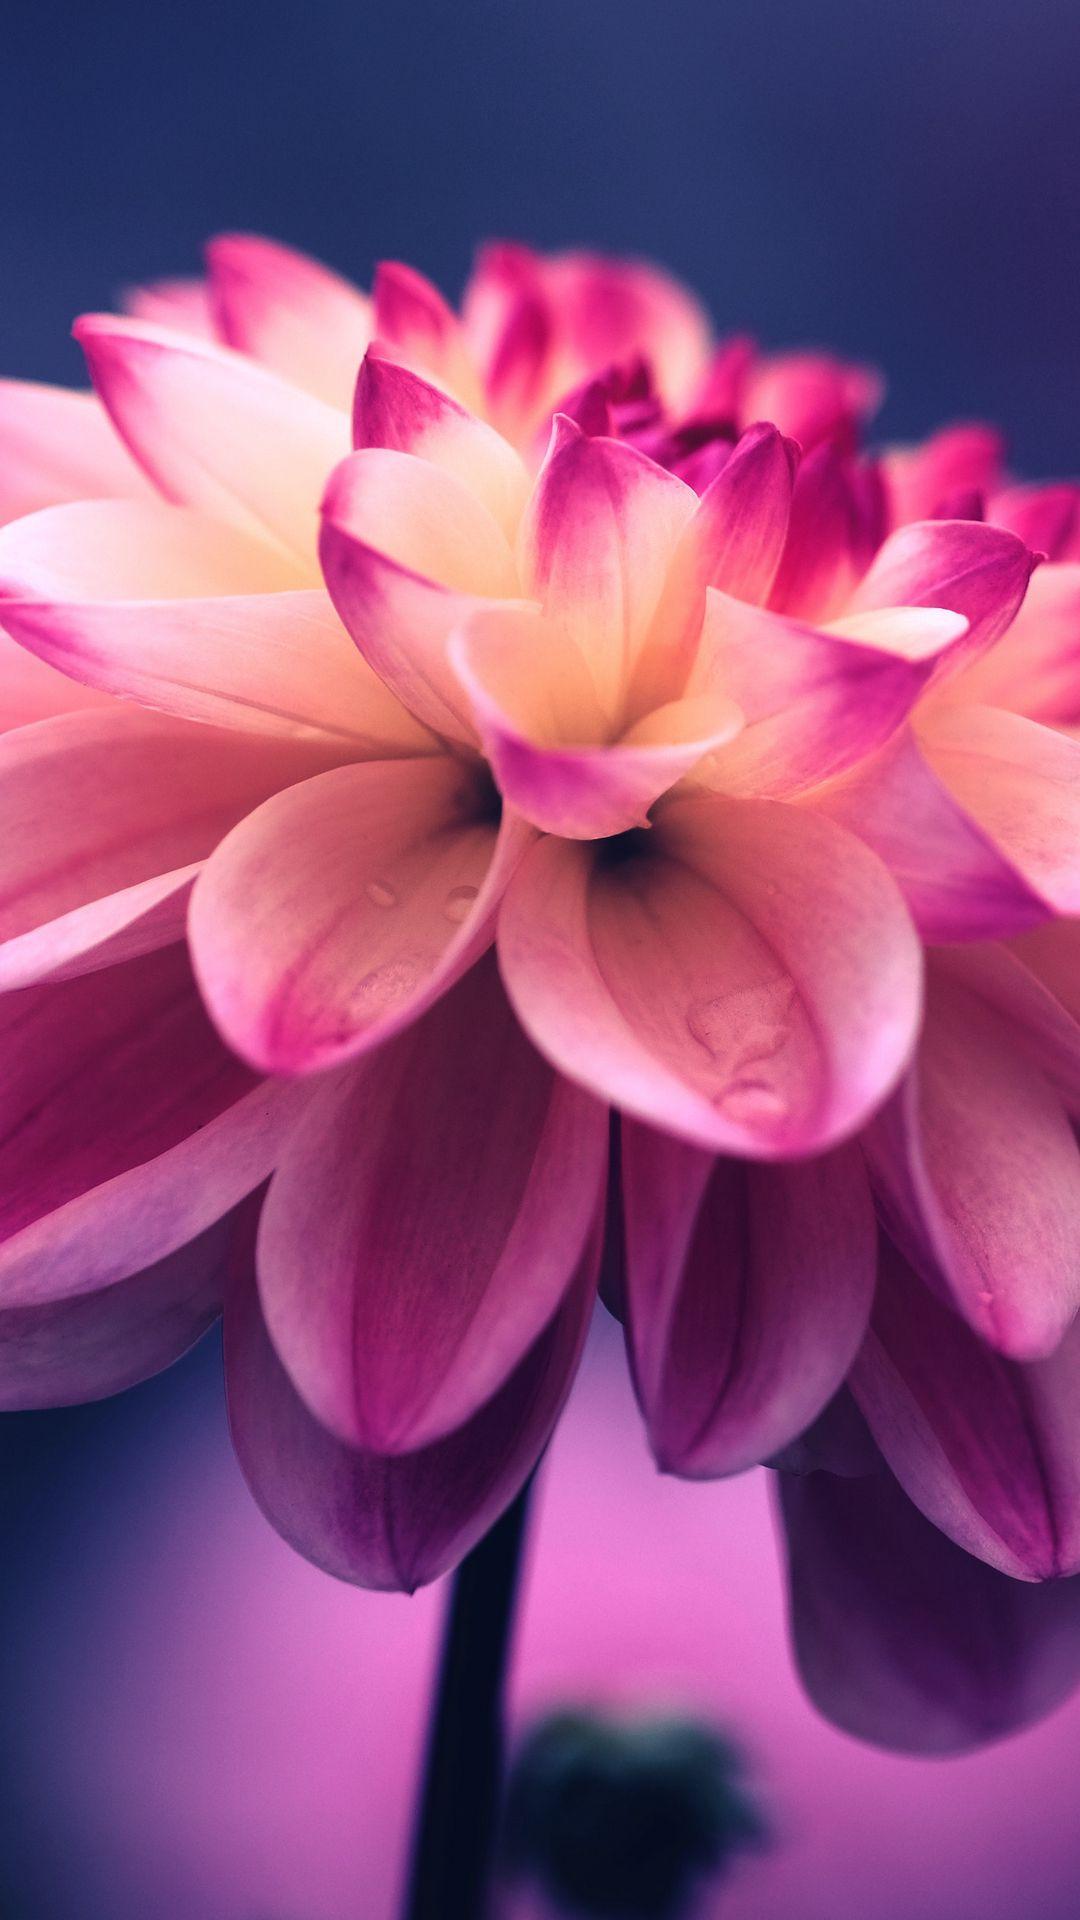 1080x1920 Обои цветок, розовый, лепестки, бутон, крупным планом